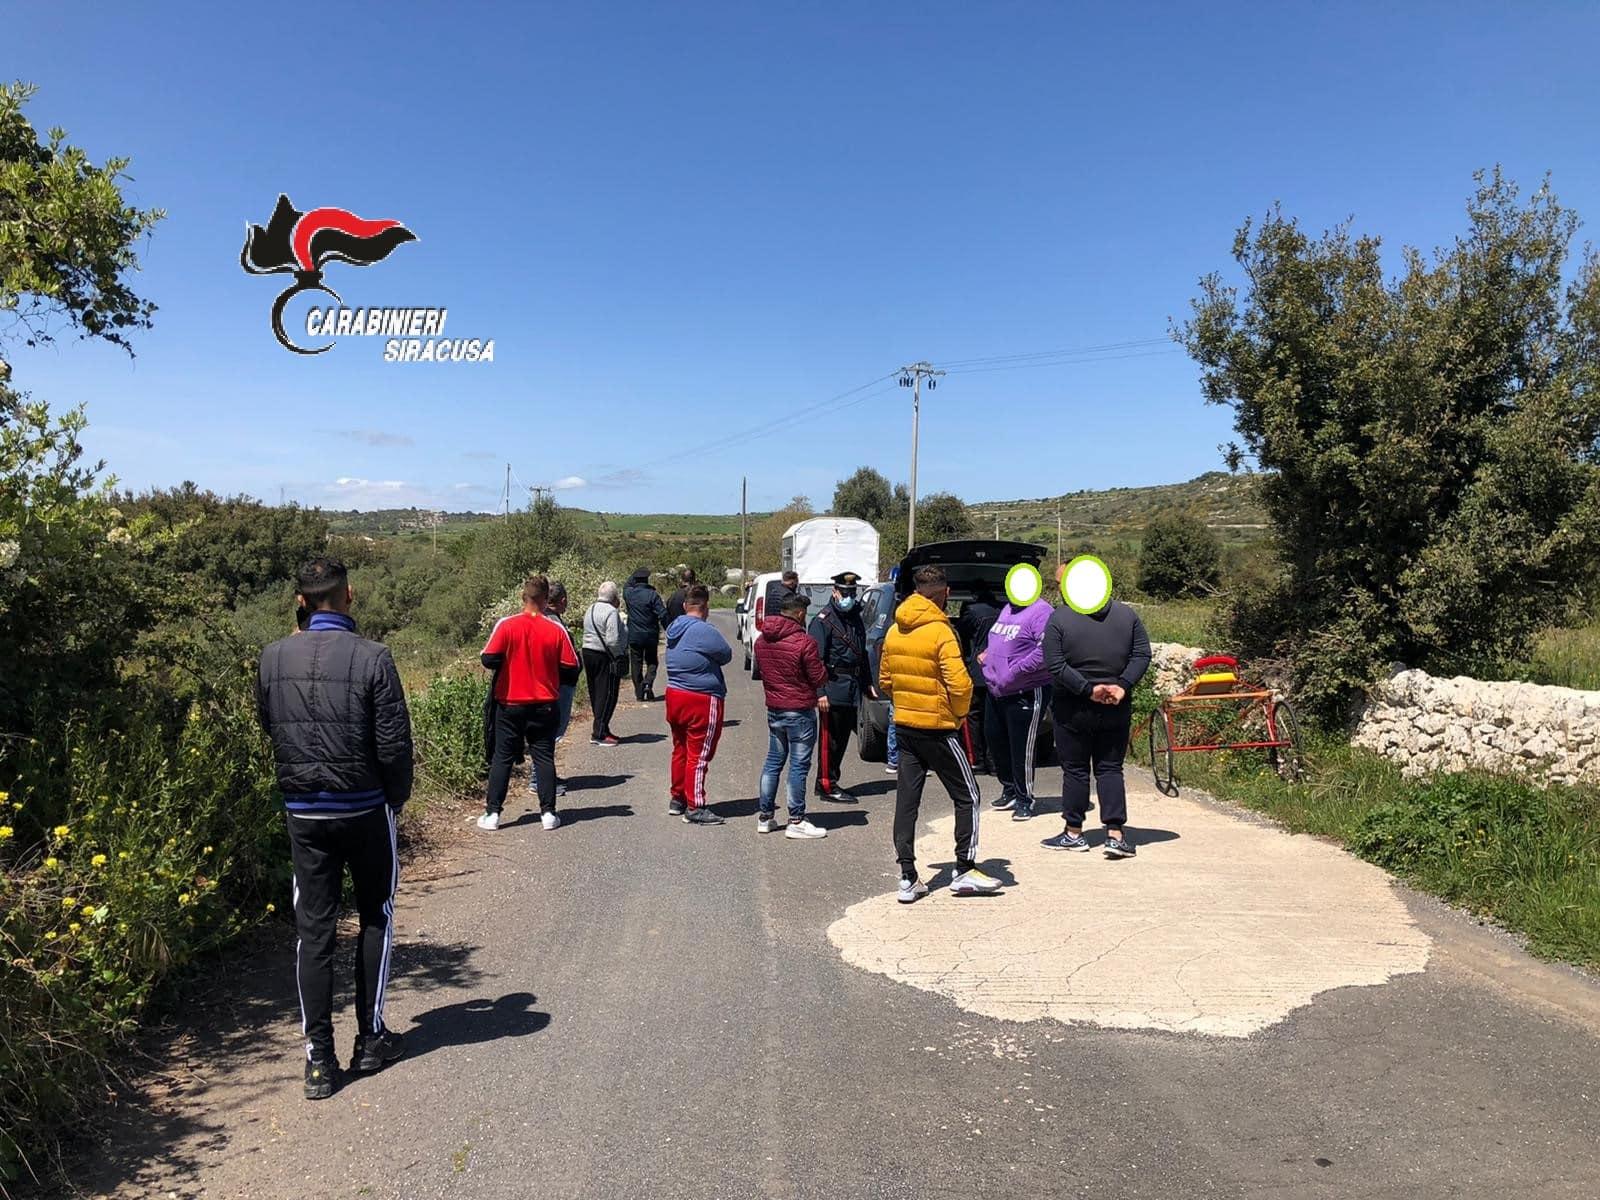 Blitz dei carabinieri sulla Maremonti: interrotta corsa clandestina, sequestrato un equino e denunciate 16 persone – Le FOTO